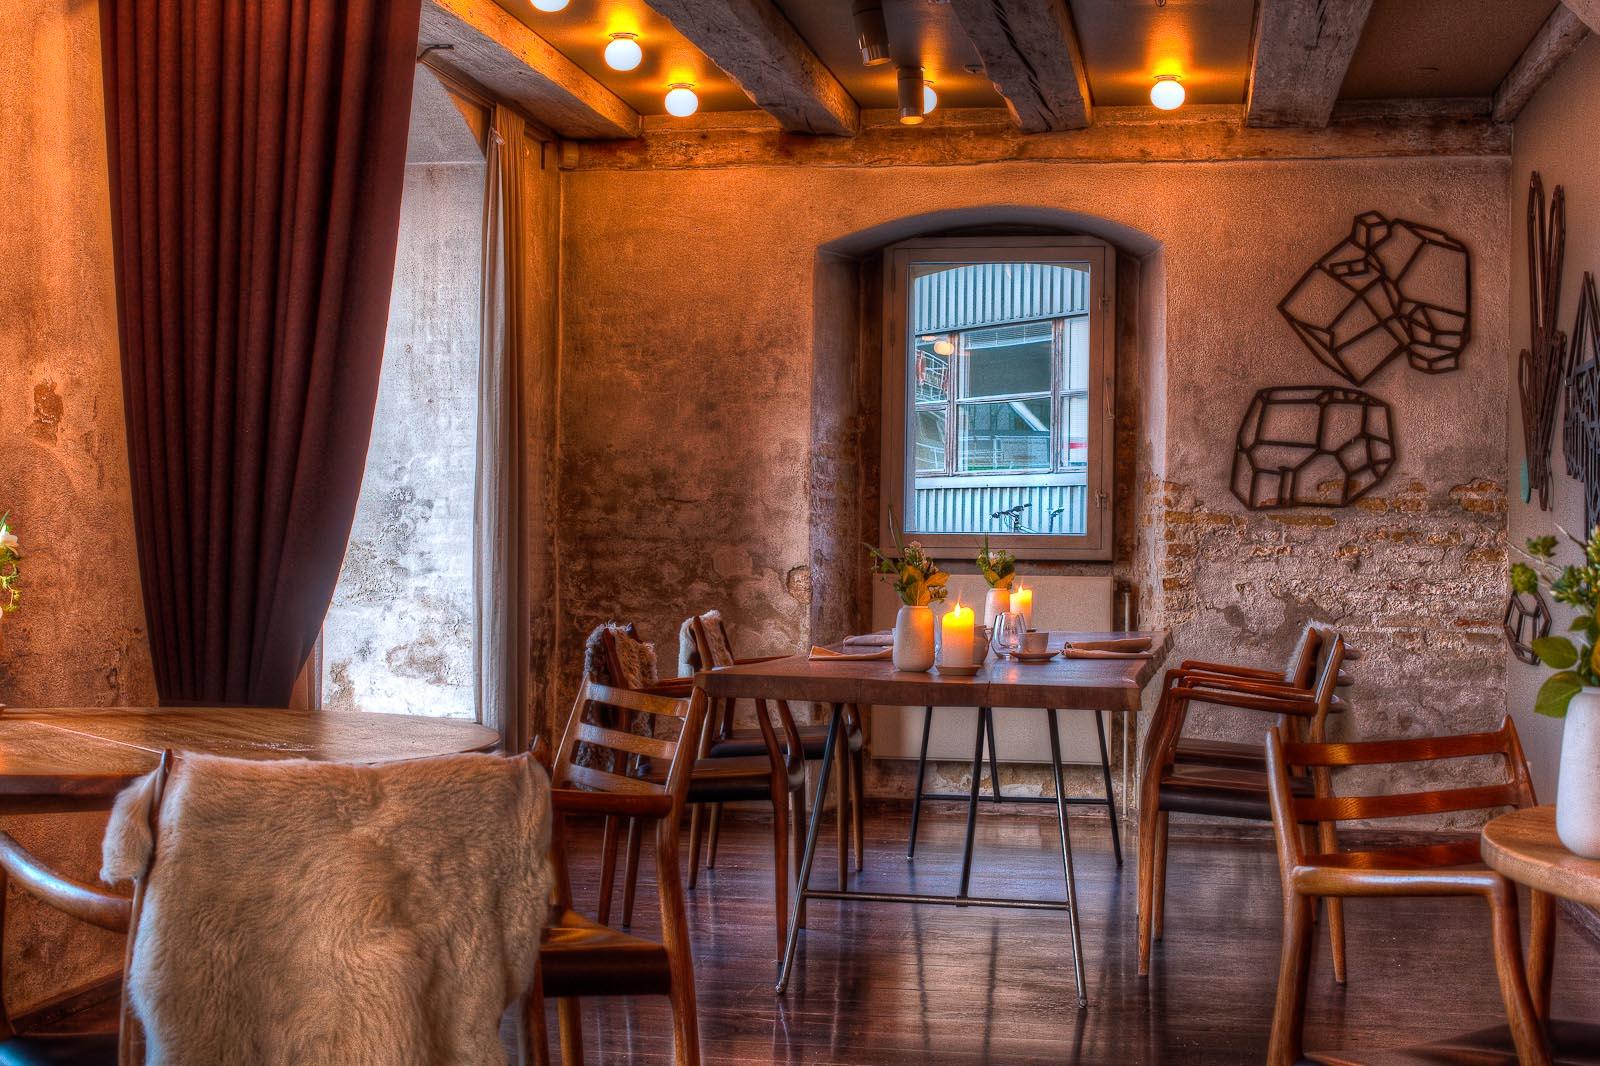 Noma - Dining Room